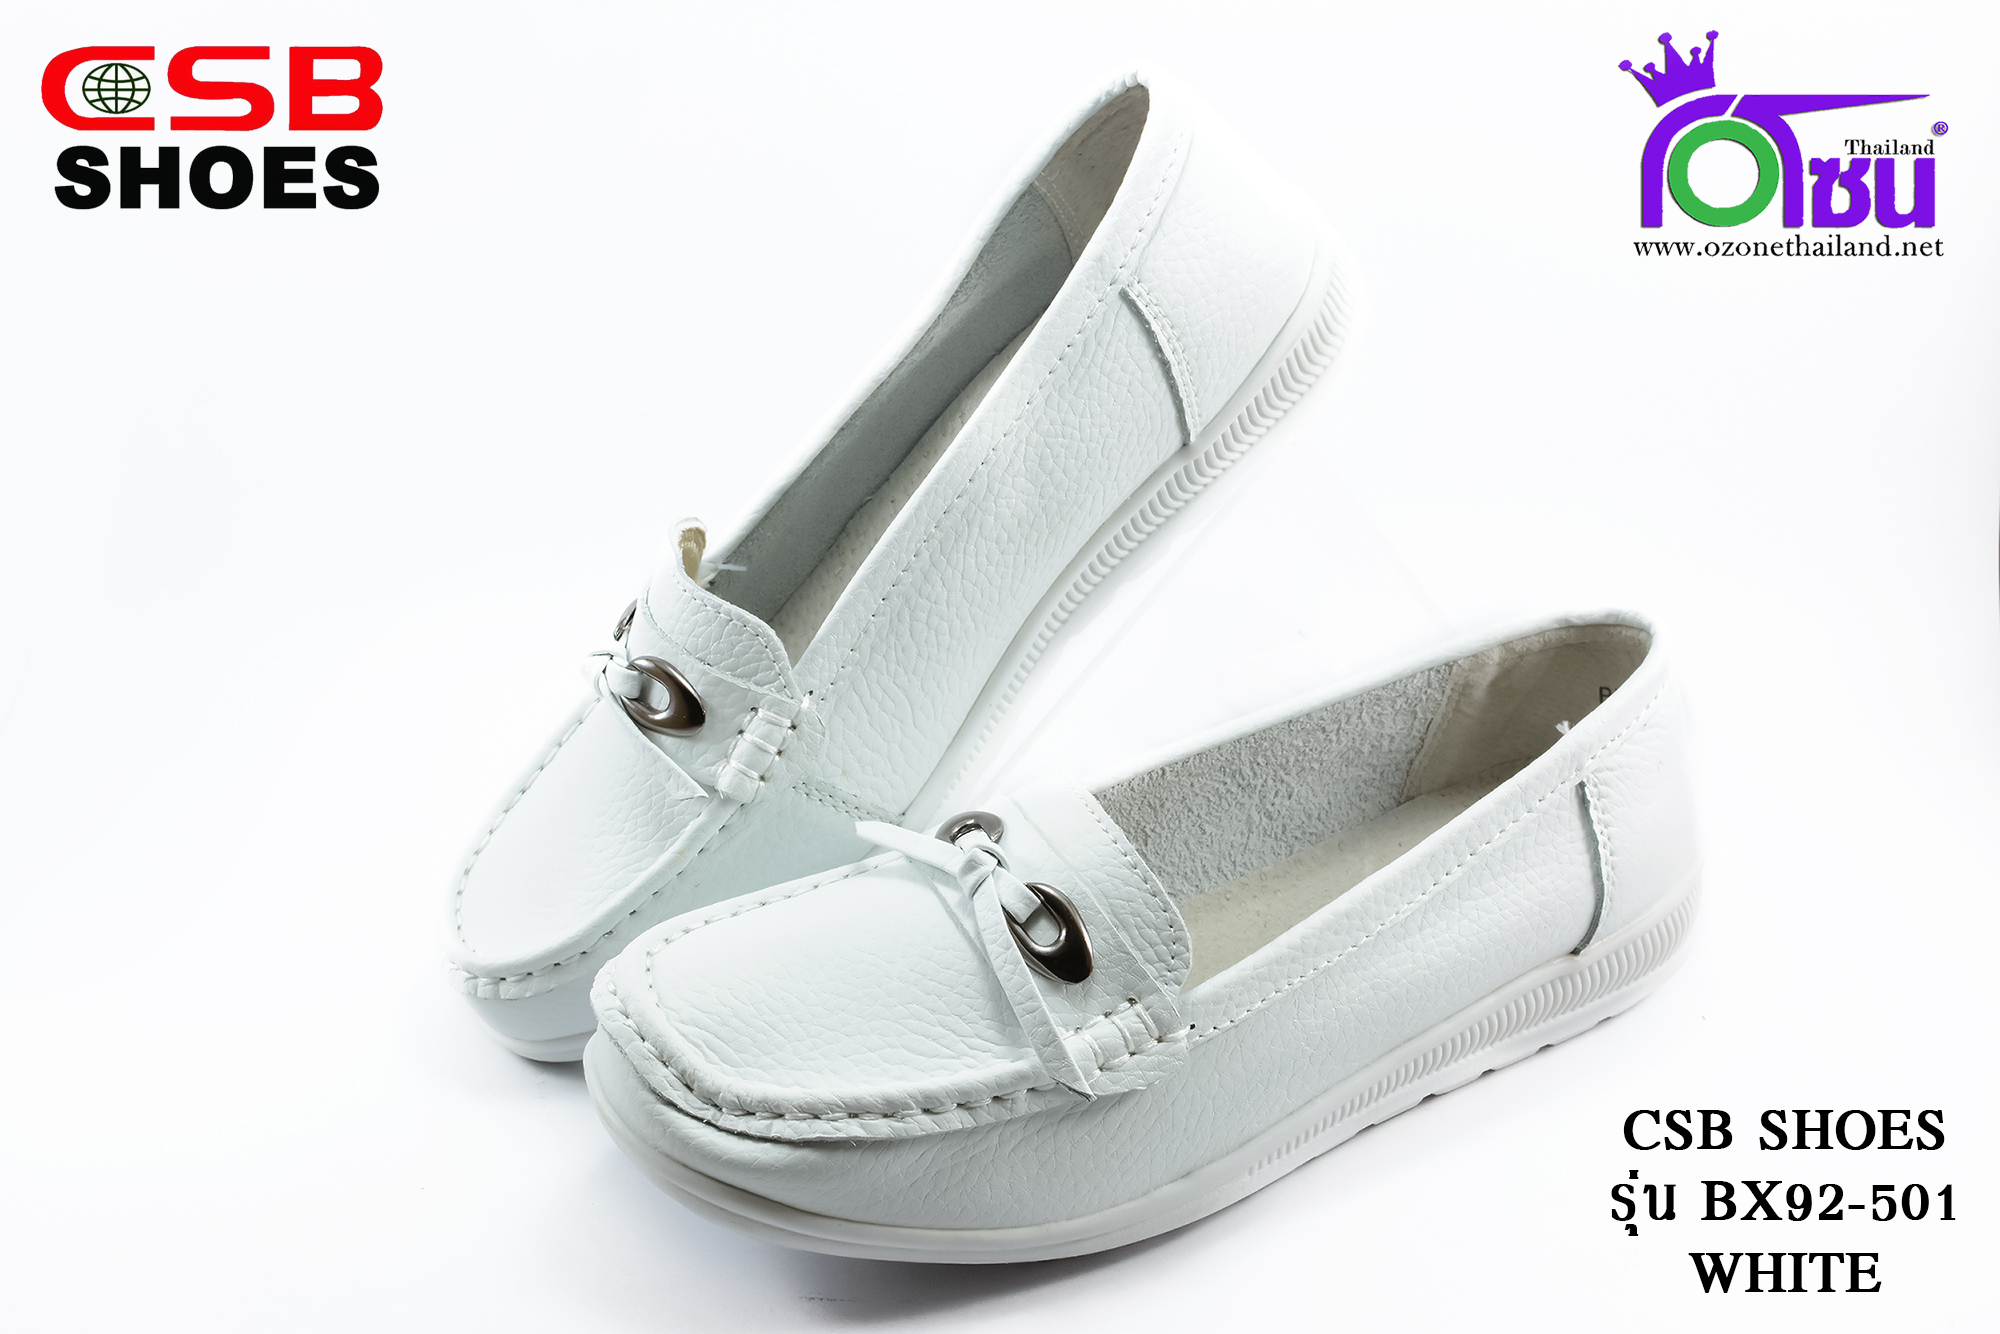 รองเท้าแฟชั่นหุ้มส้น CSB ซีเอสบี รุ่น BX92-501 สีขาว เบอร์ 36,40